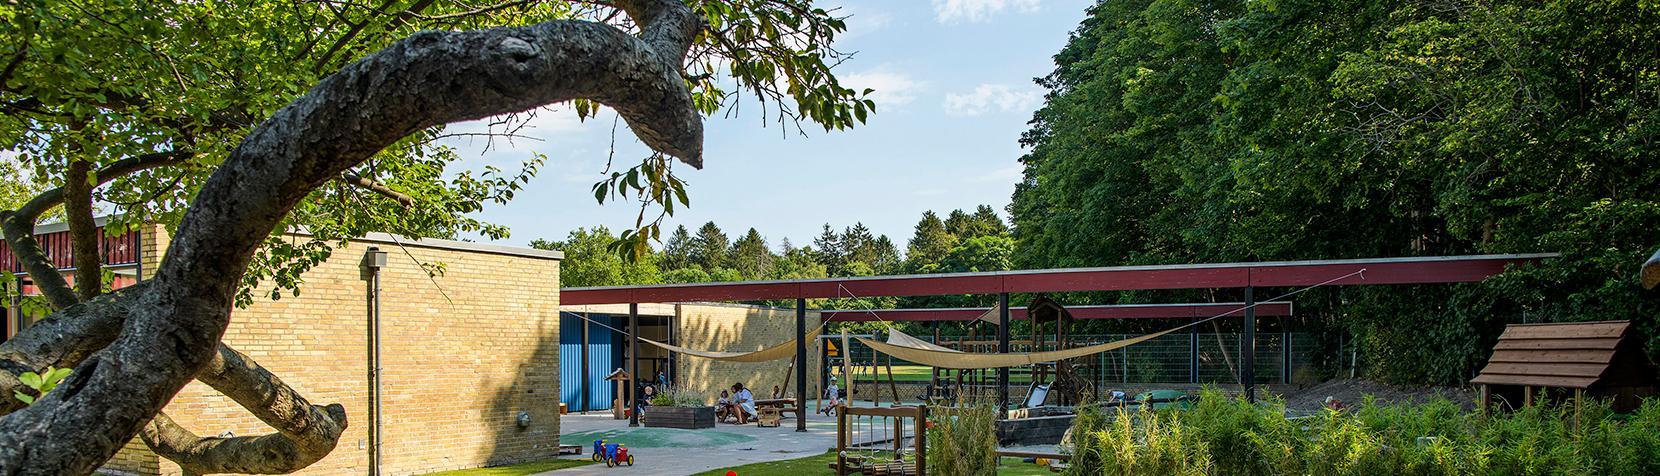 Børnehuset Egebakken set udefra